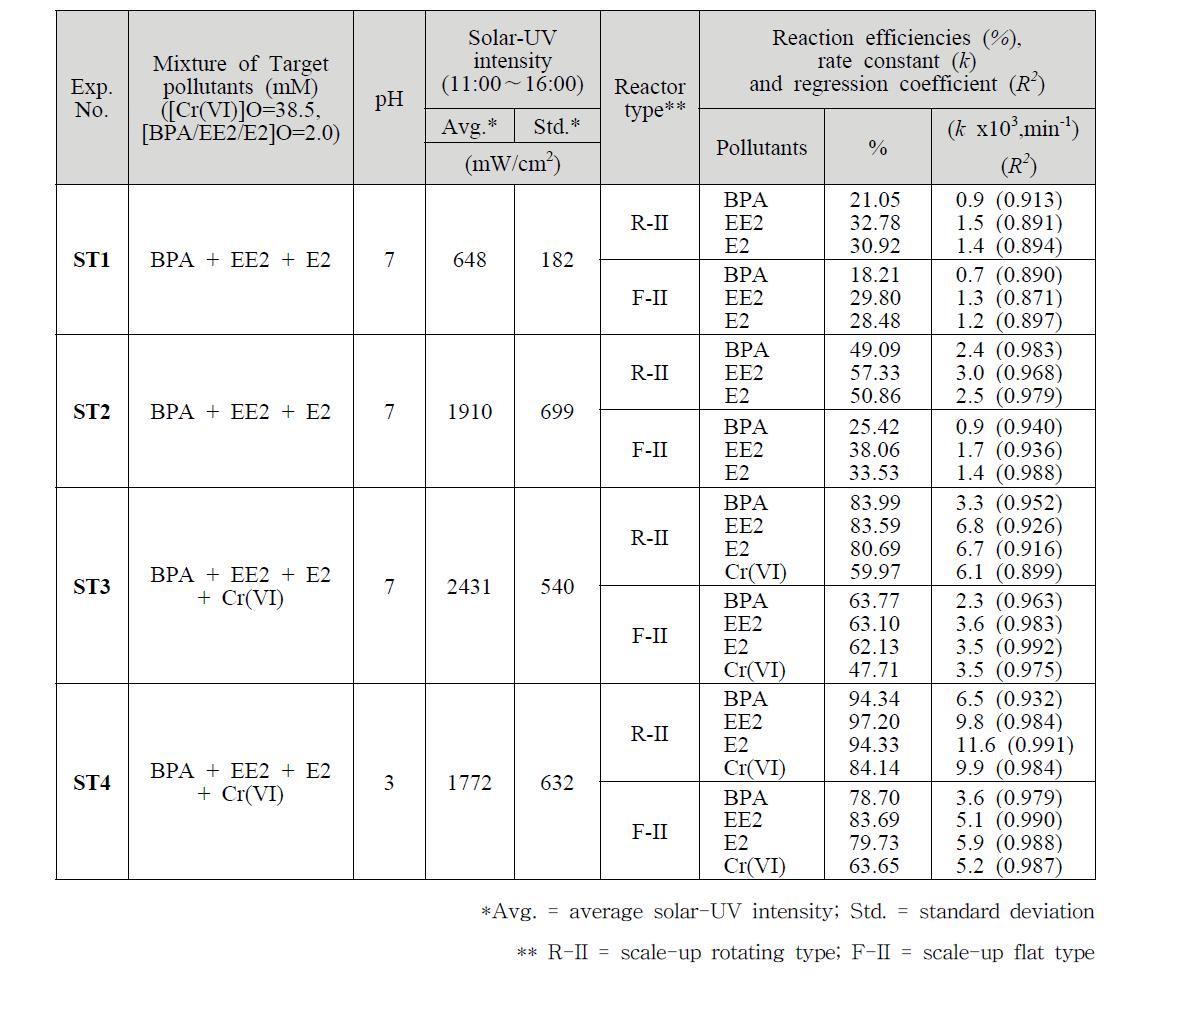 태양광 조사하에 스케일업된 회전형 및 평판형 태양광 반응기 성능평가